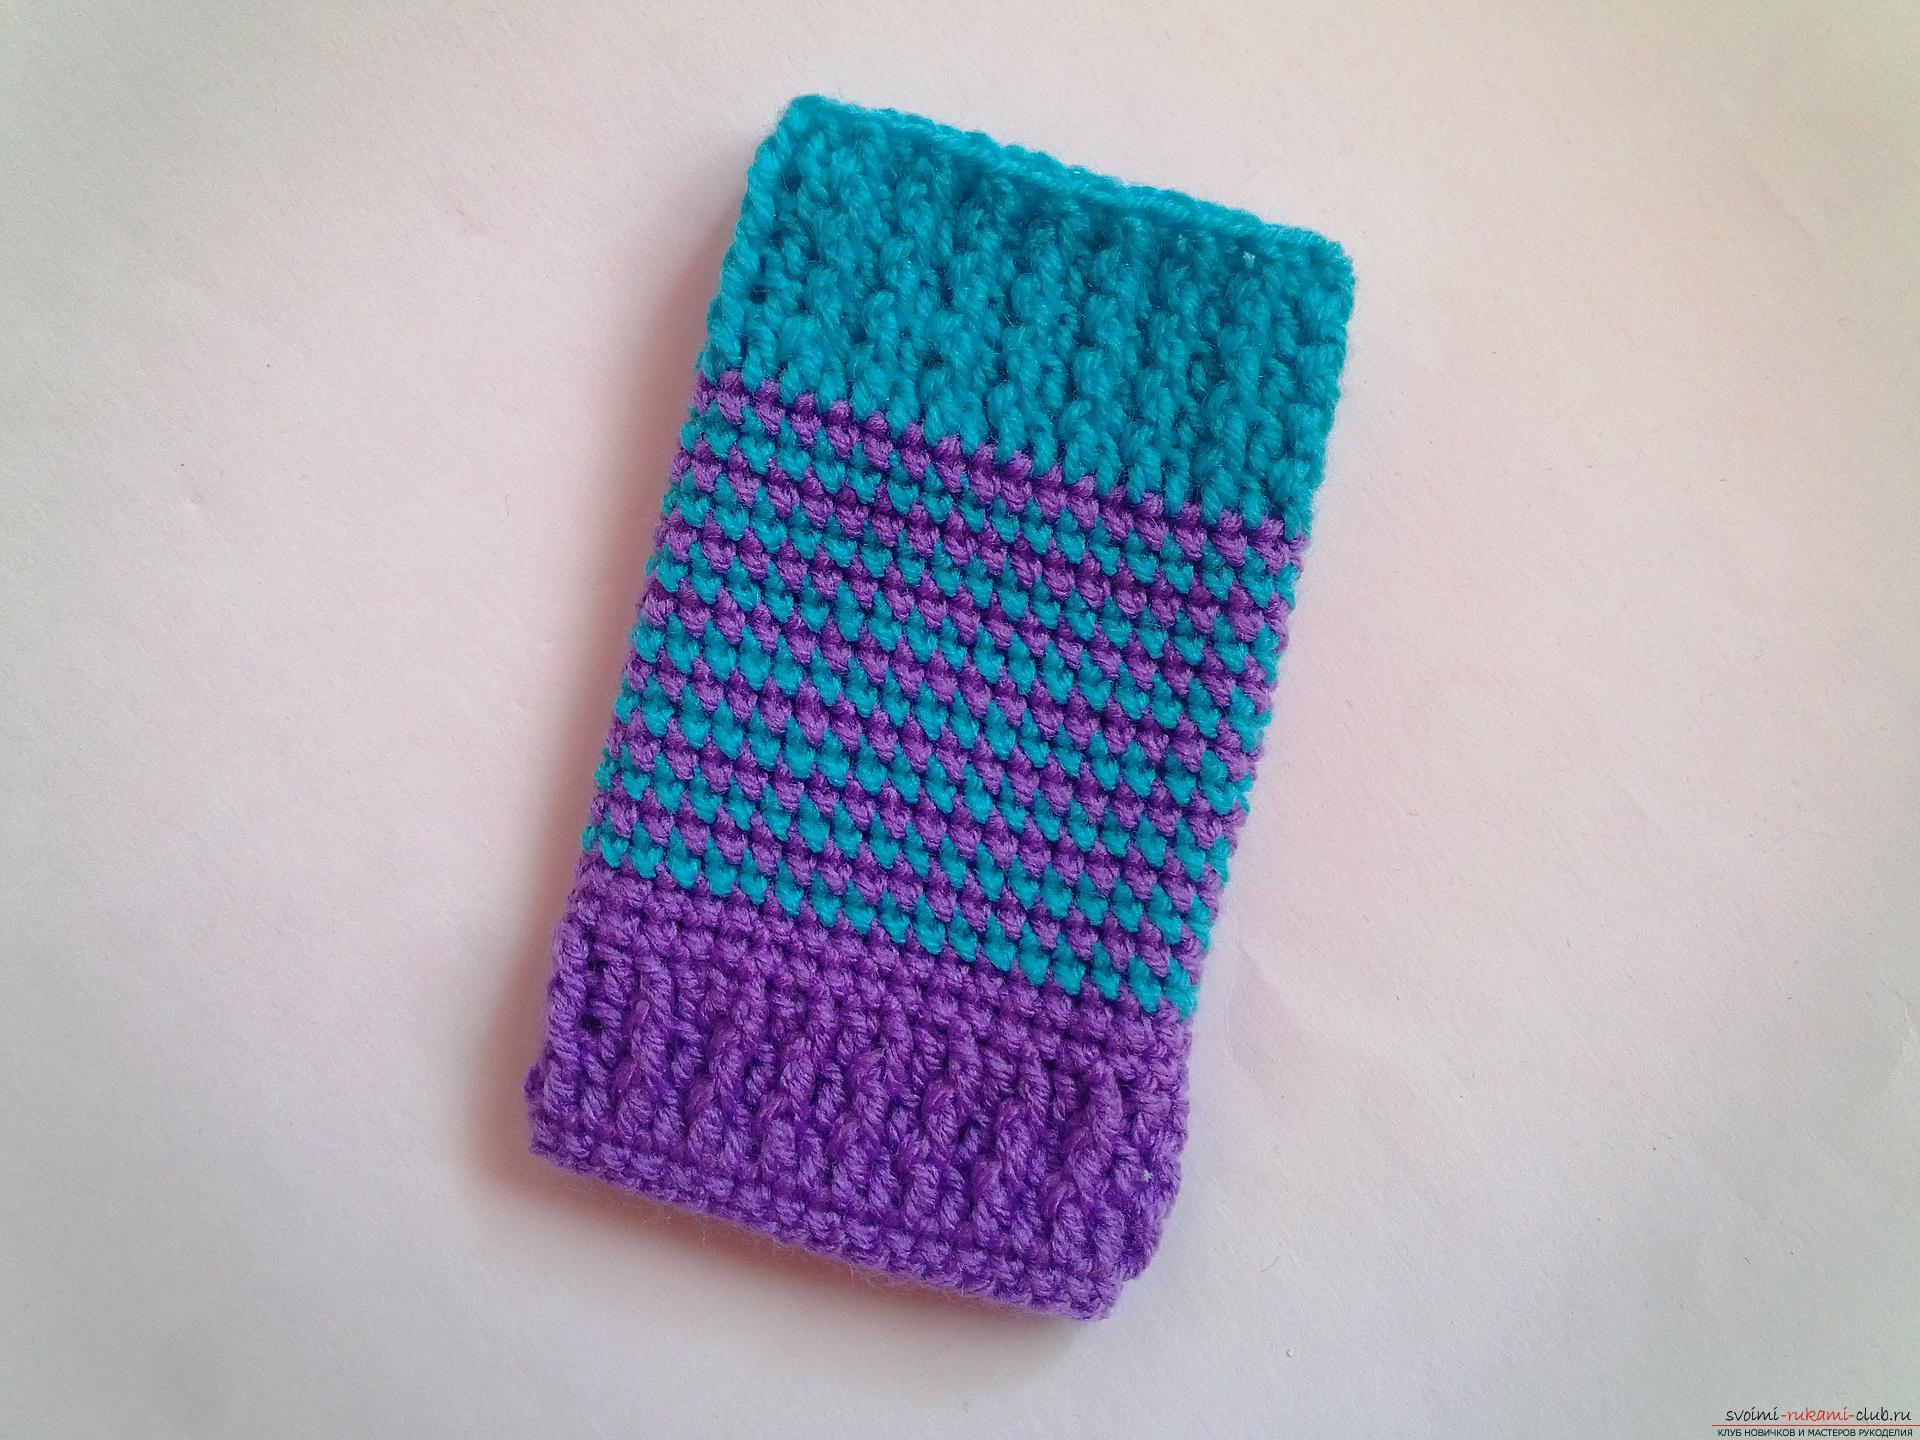 Вязание на спицах чехол для мобильного